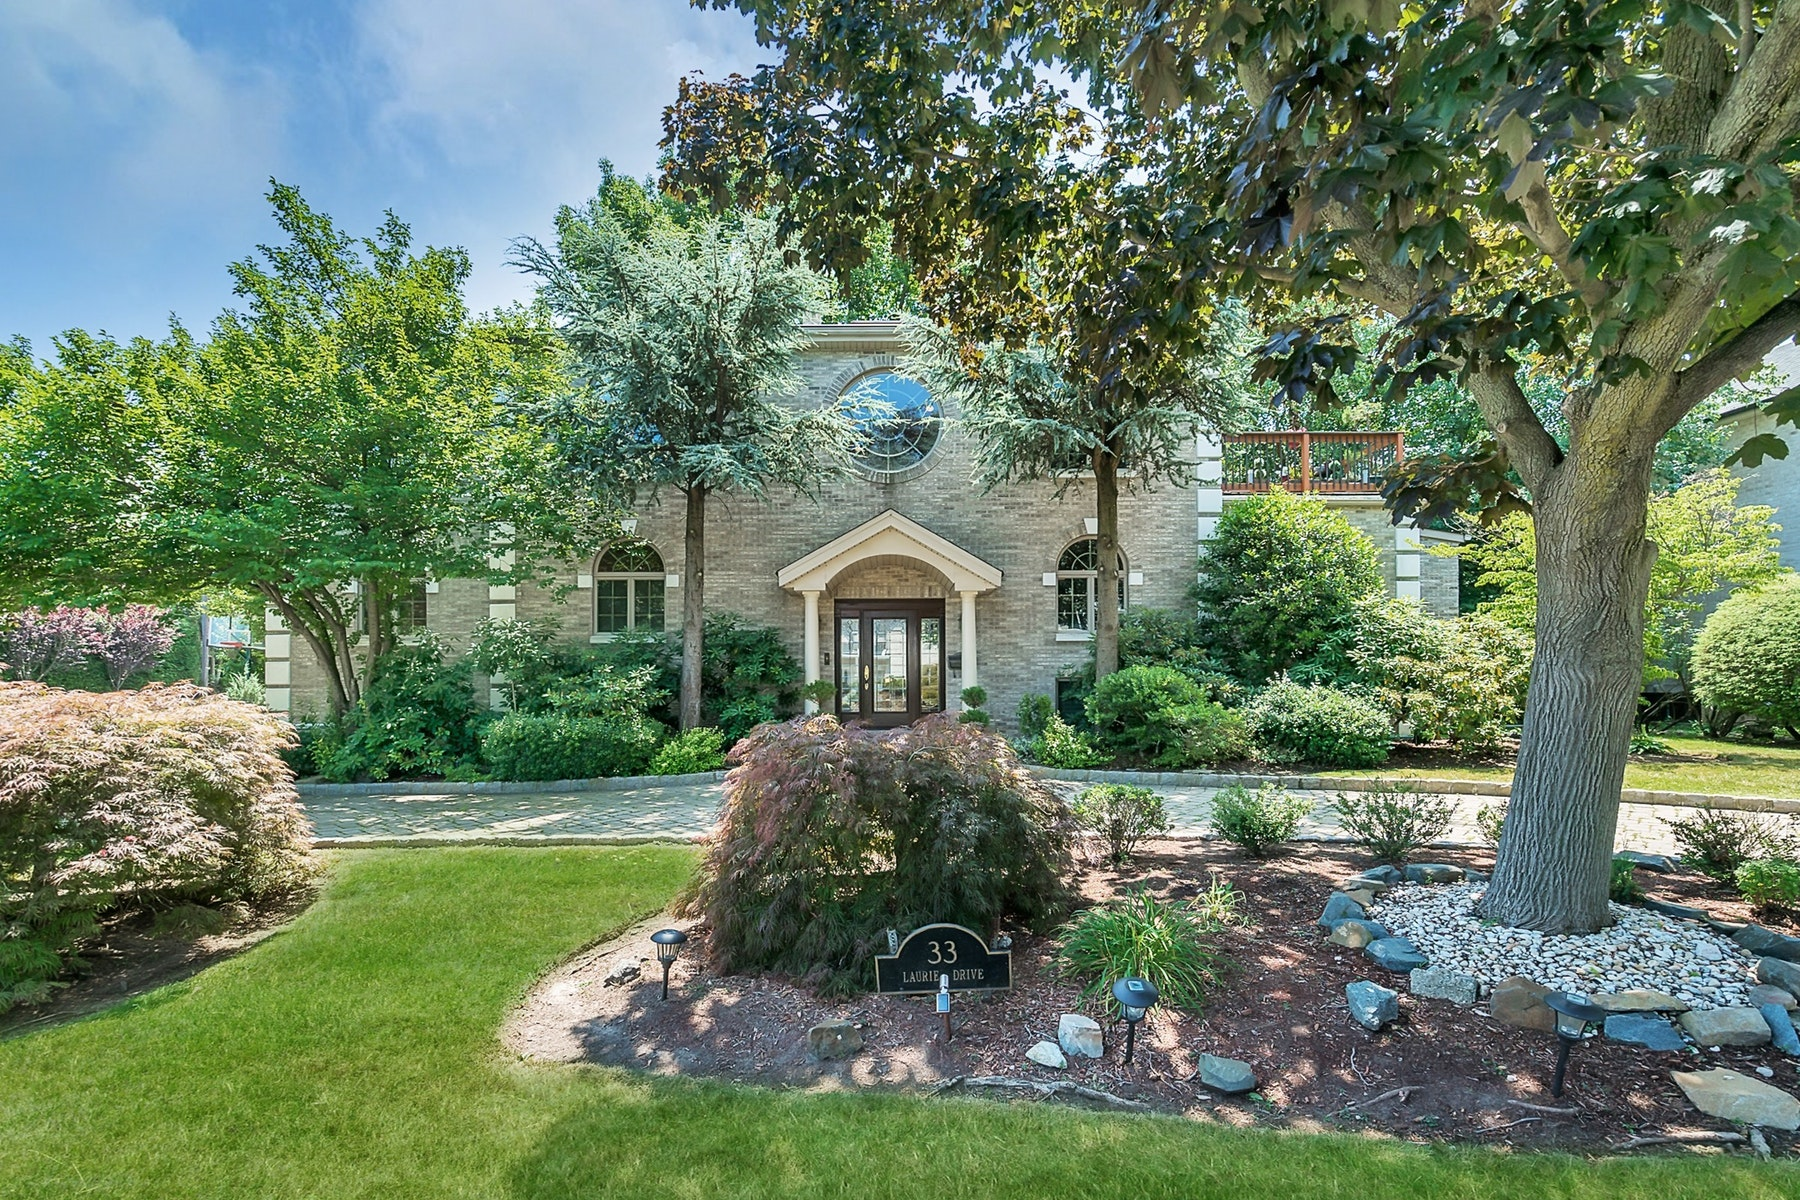 Maison unifamiliale pour l Vente à 33 Laurie Drive Englewood Cliffs, New Jersey 07632 États-Unis